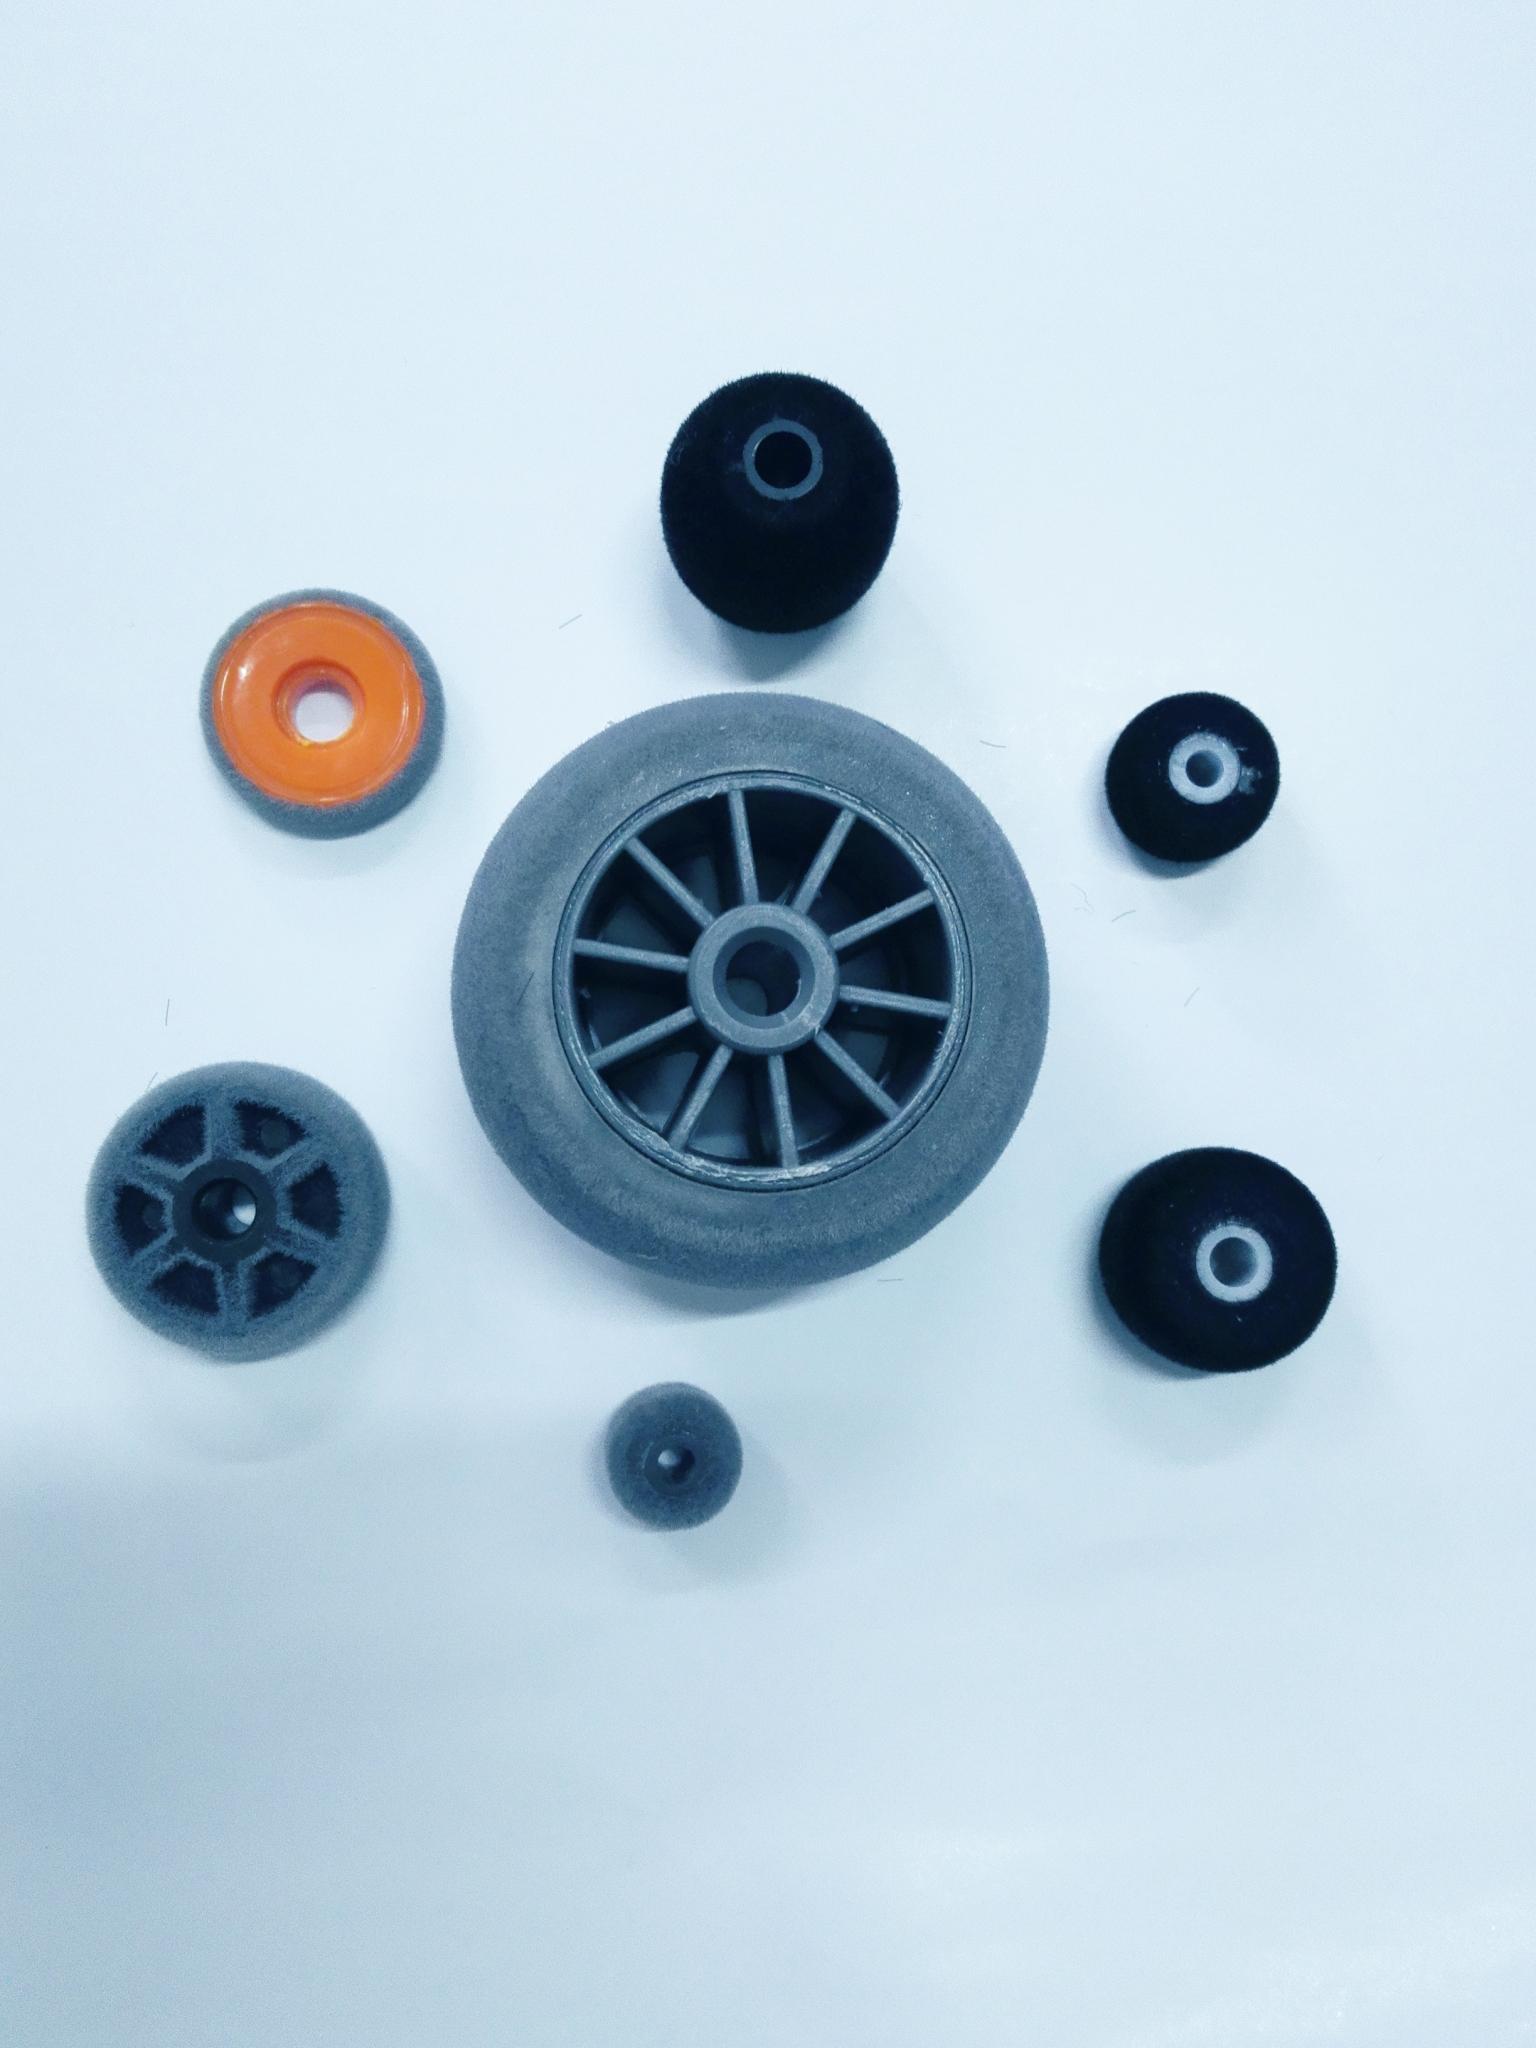 江苏苏州轮子植绒厂家 扫地机器人轮子植绒加工定制